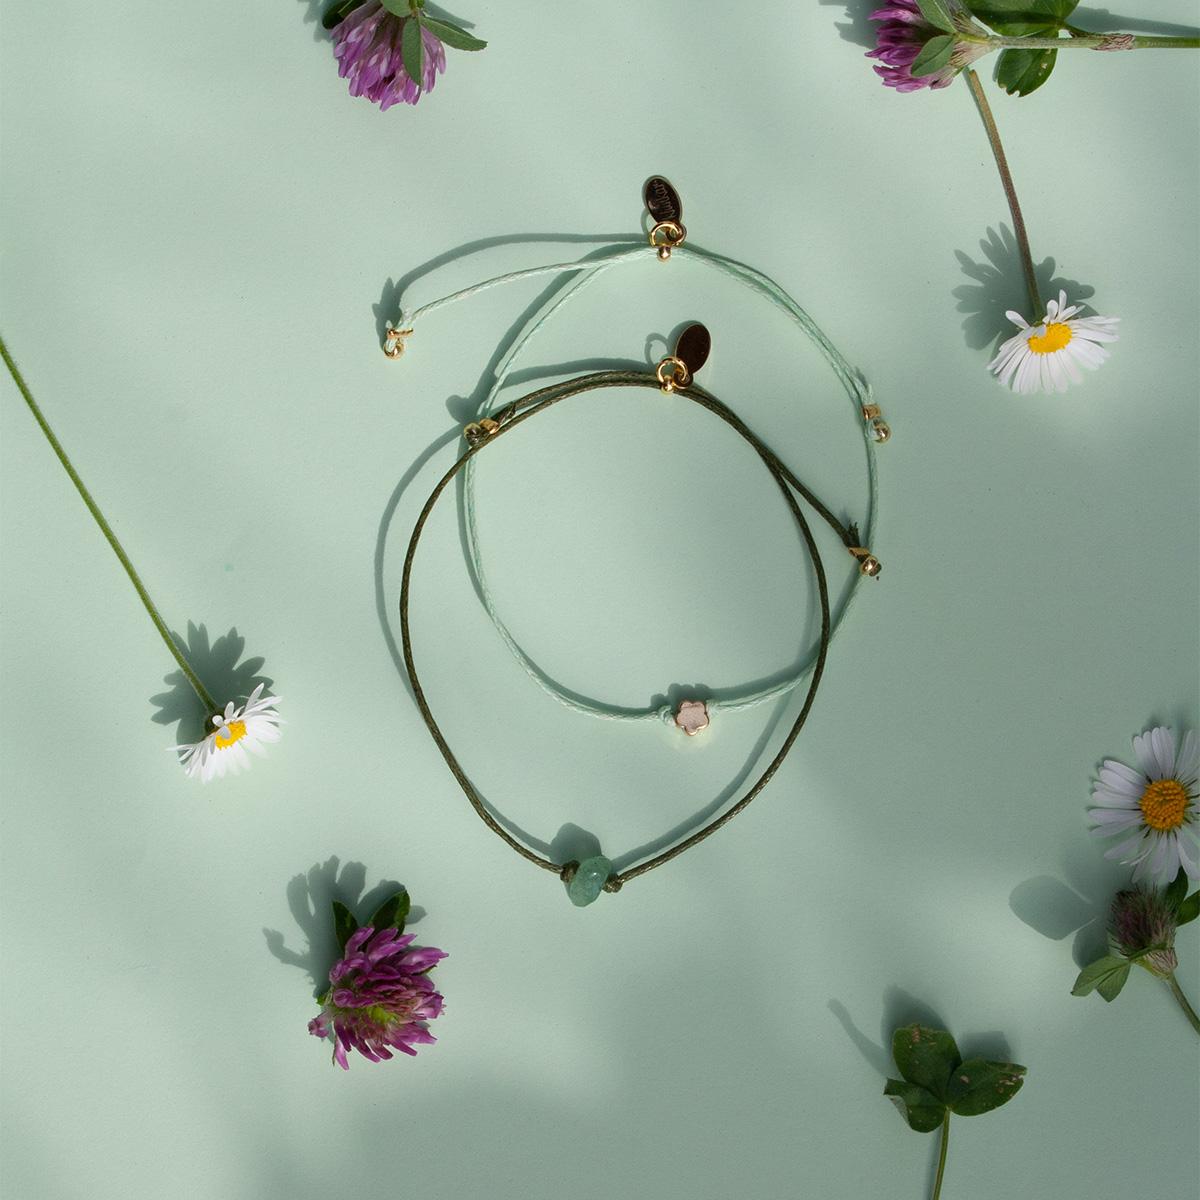 Klunkar Armband zum Frühling und Muttertag.